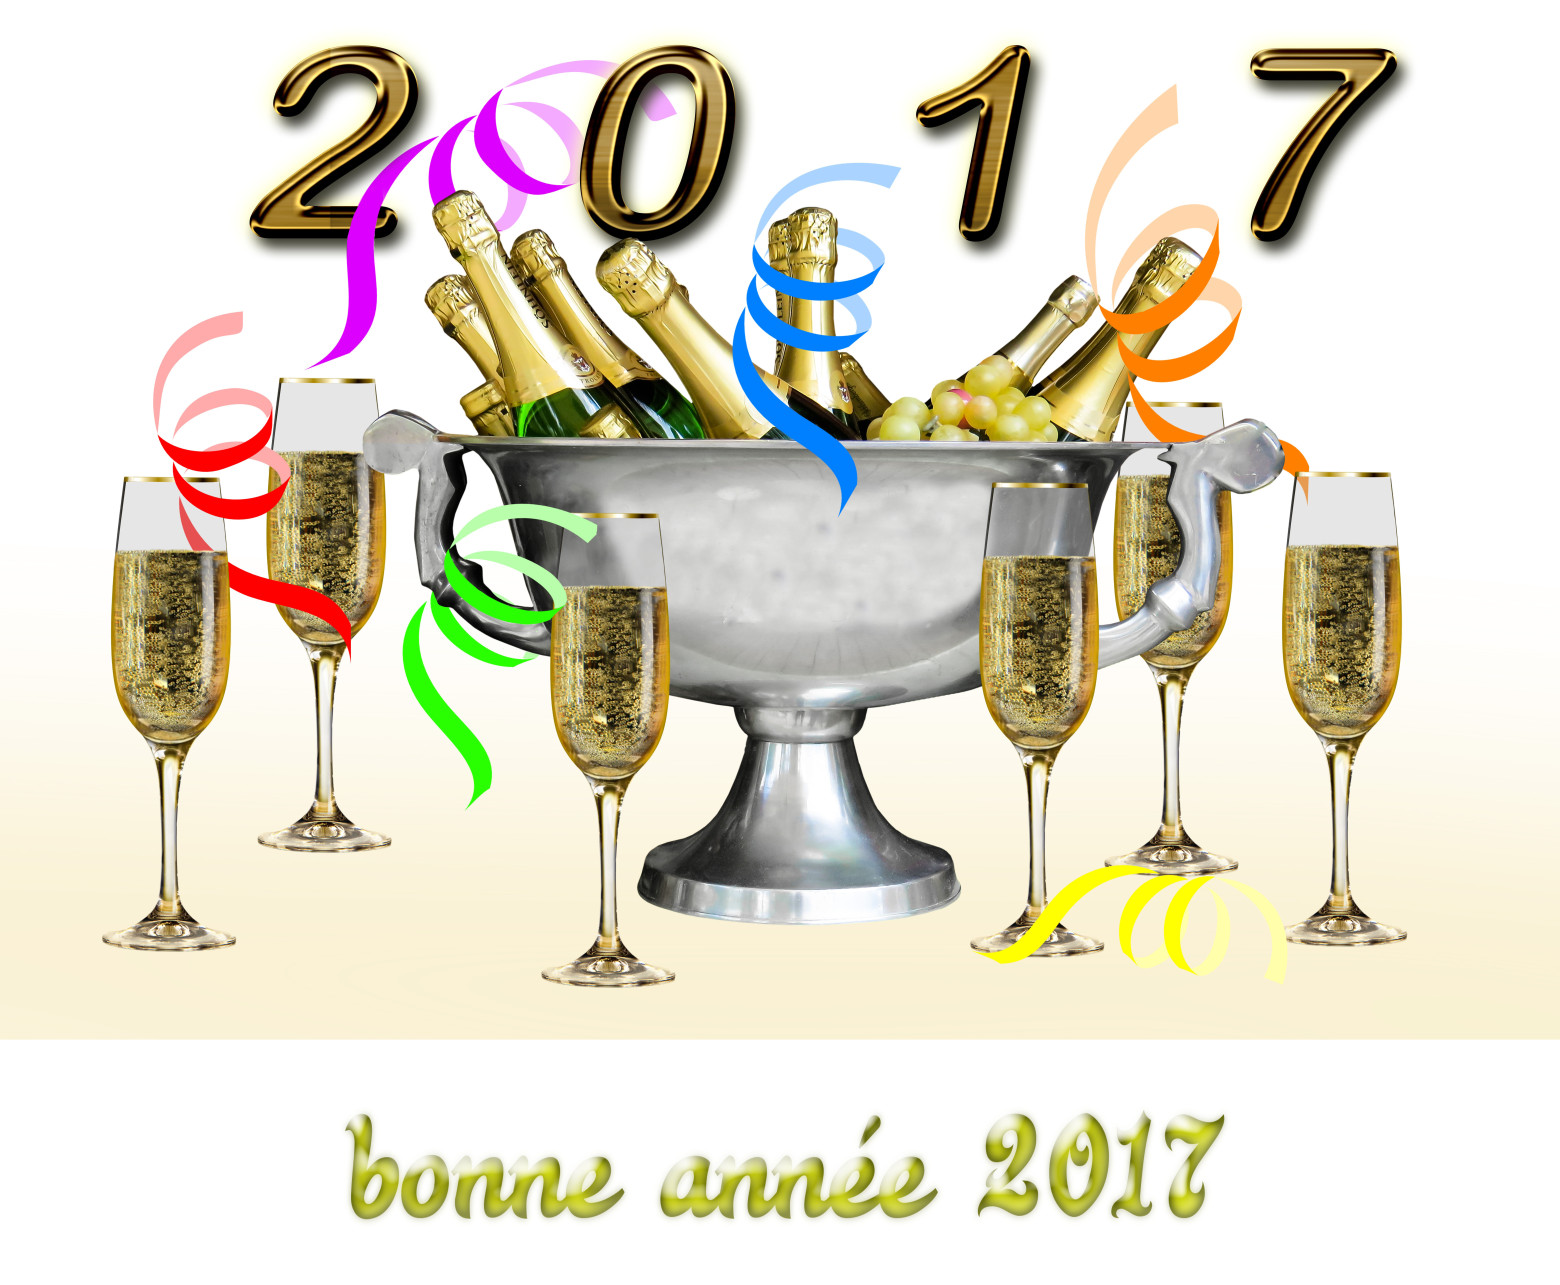 http://fotomelia.com/wp-content/uploads/2016/12/cartes-de-voeux-gratuites-bonne-ann%C3%A9e-2-1560x1285.jpg